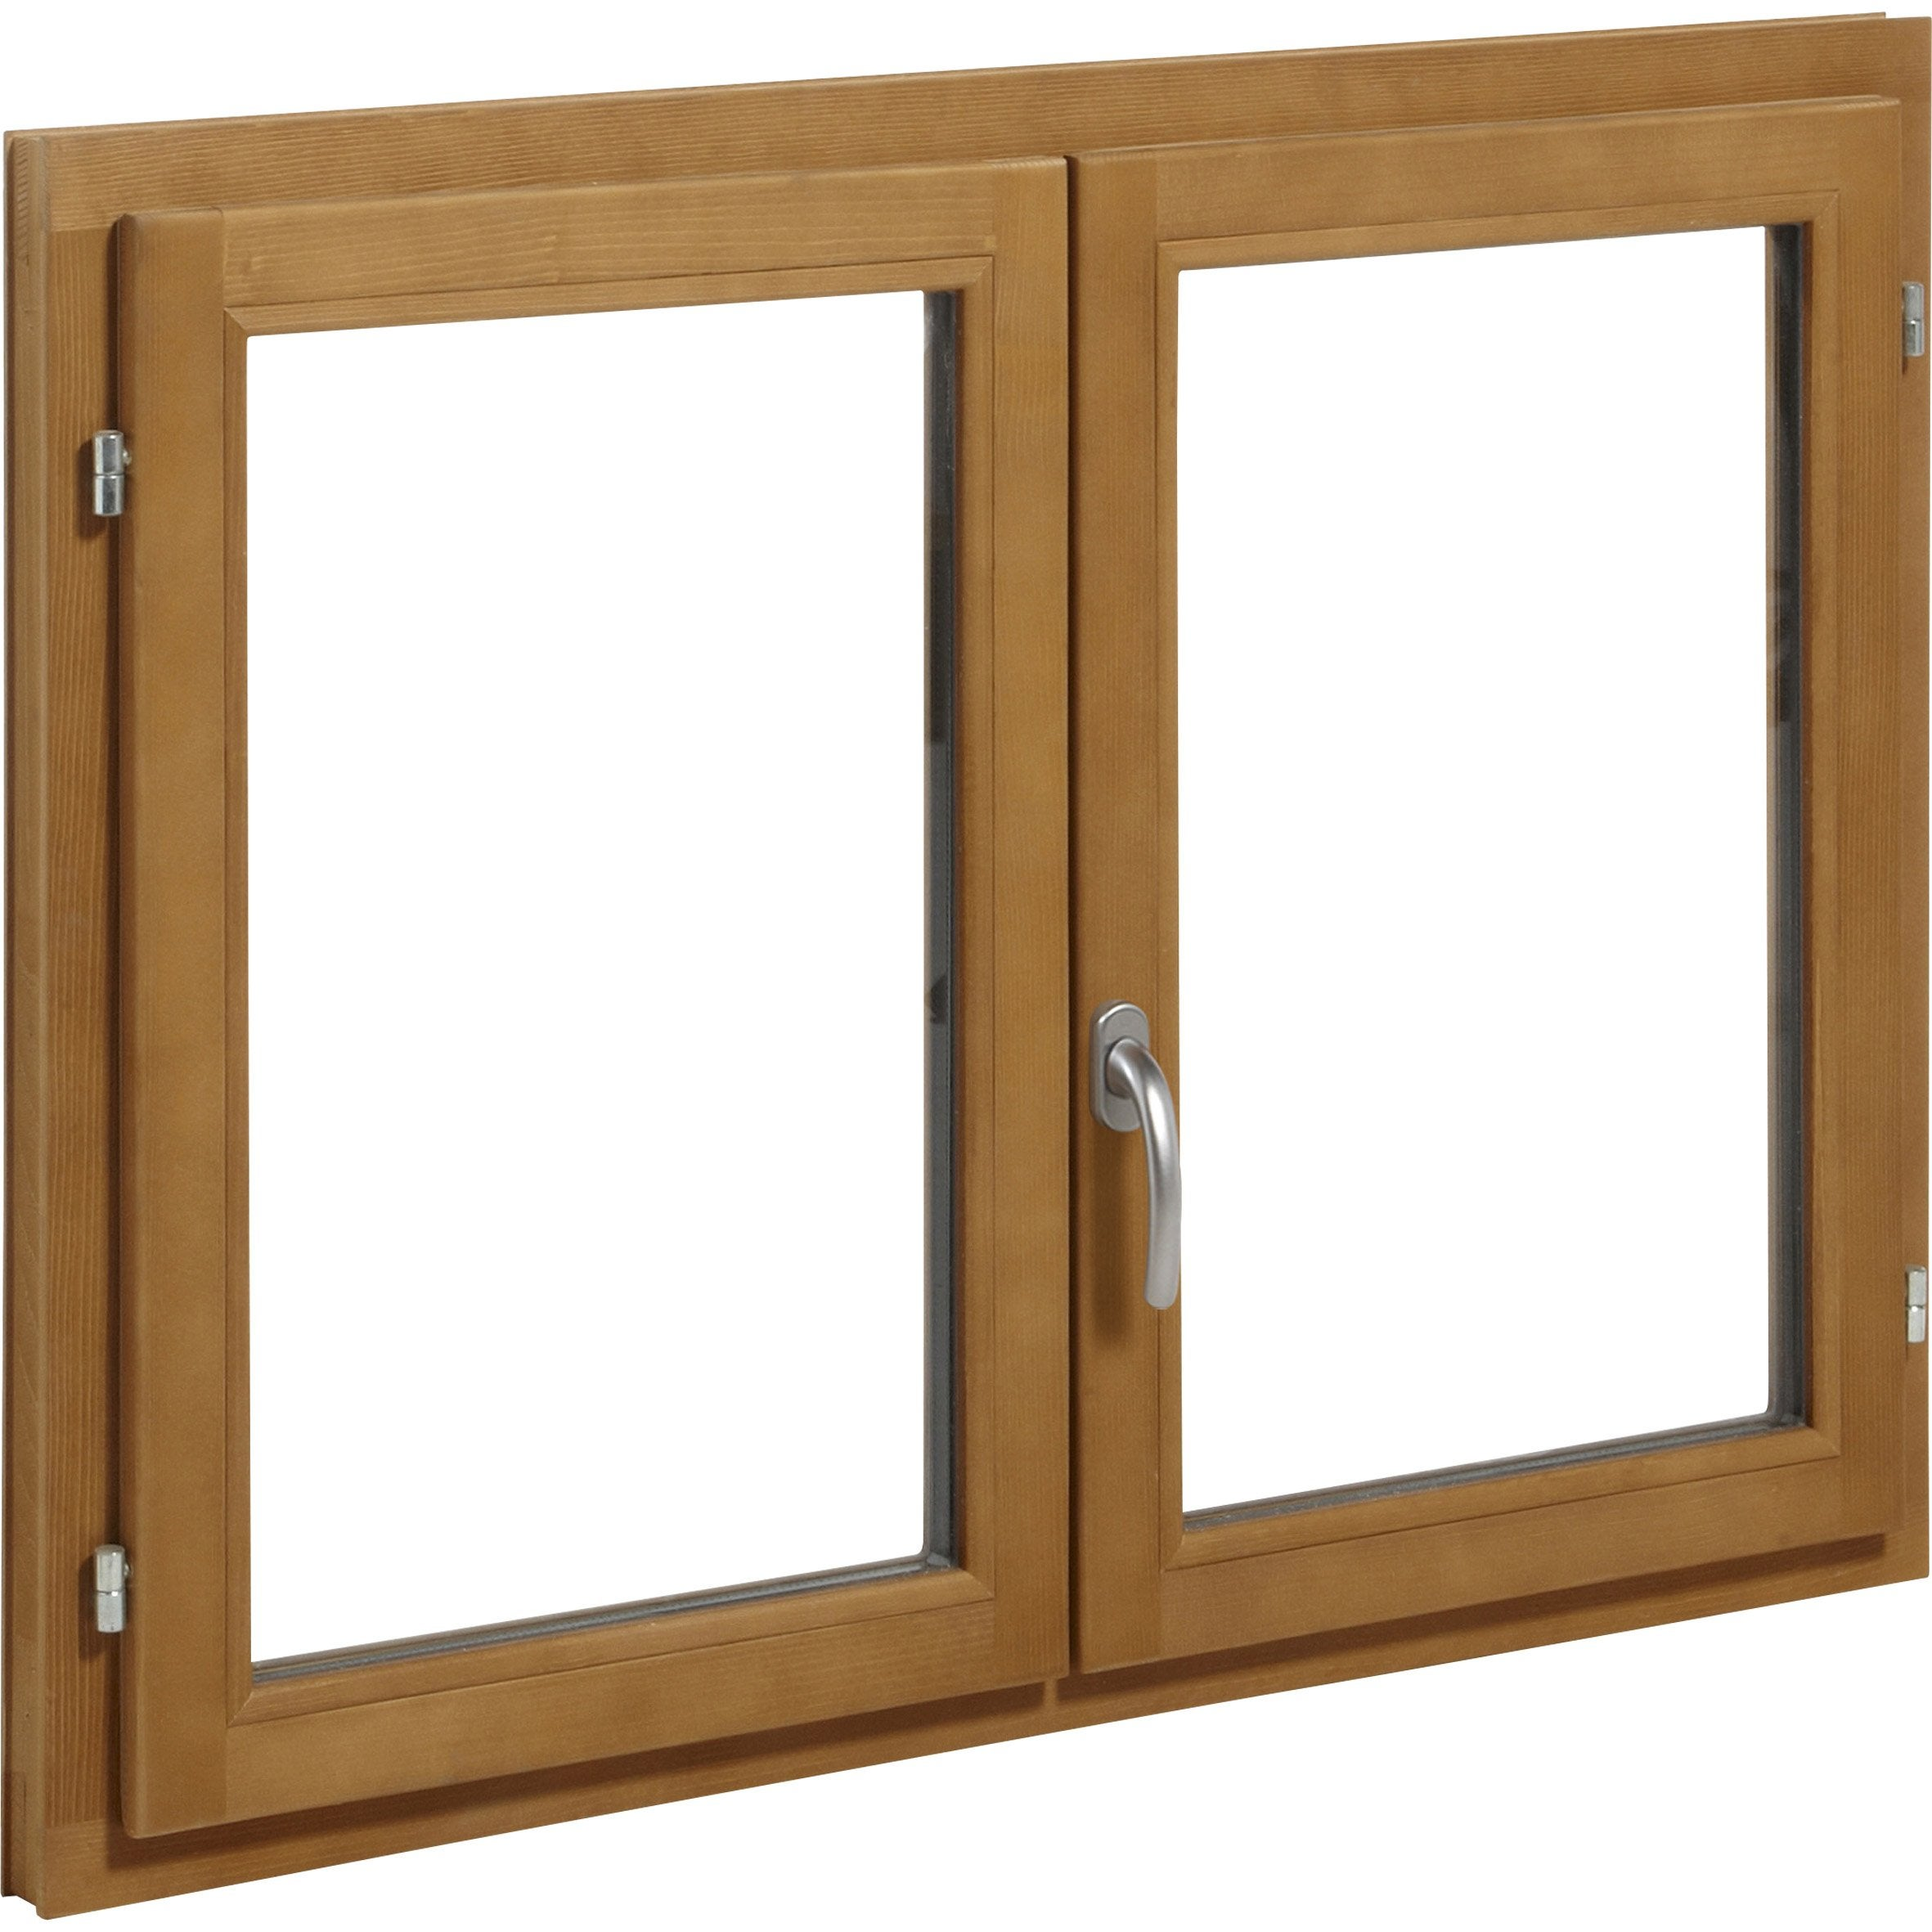 Fenêtre Bois H.75 x l.100 cm, pin, 2 tirant droit